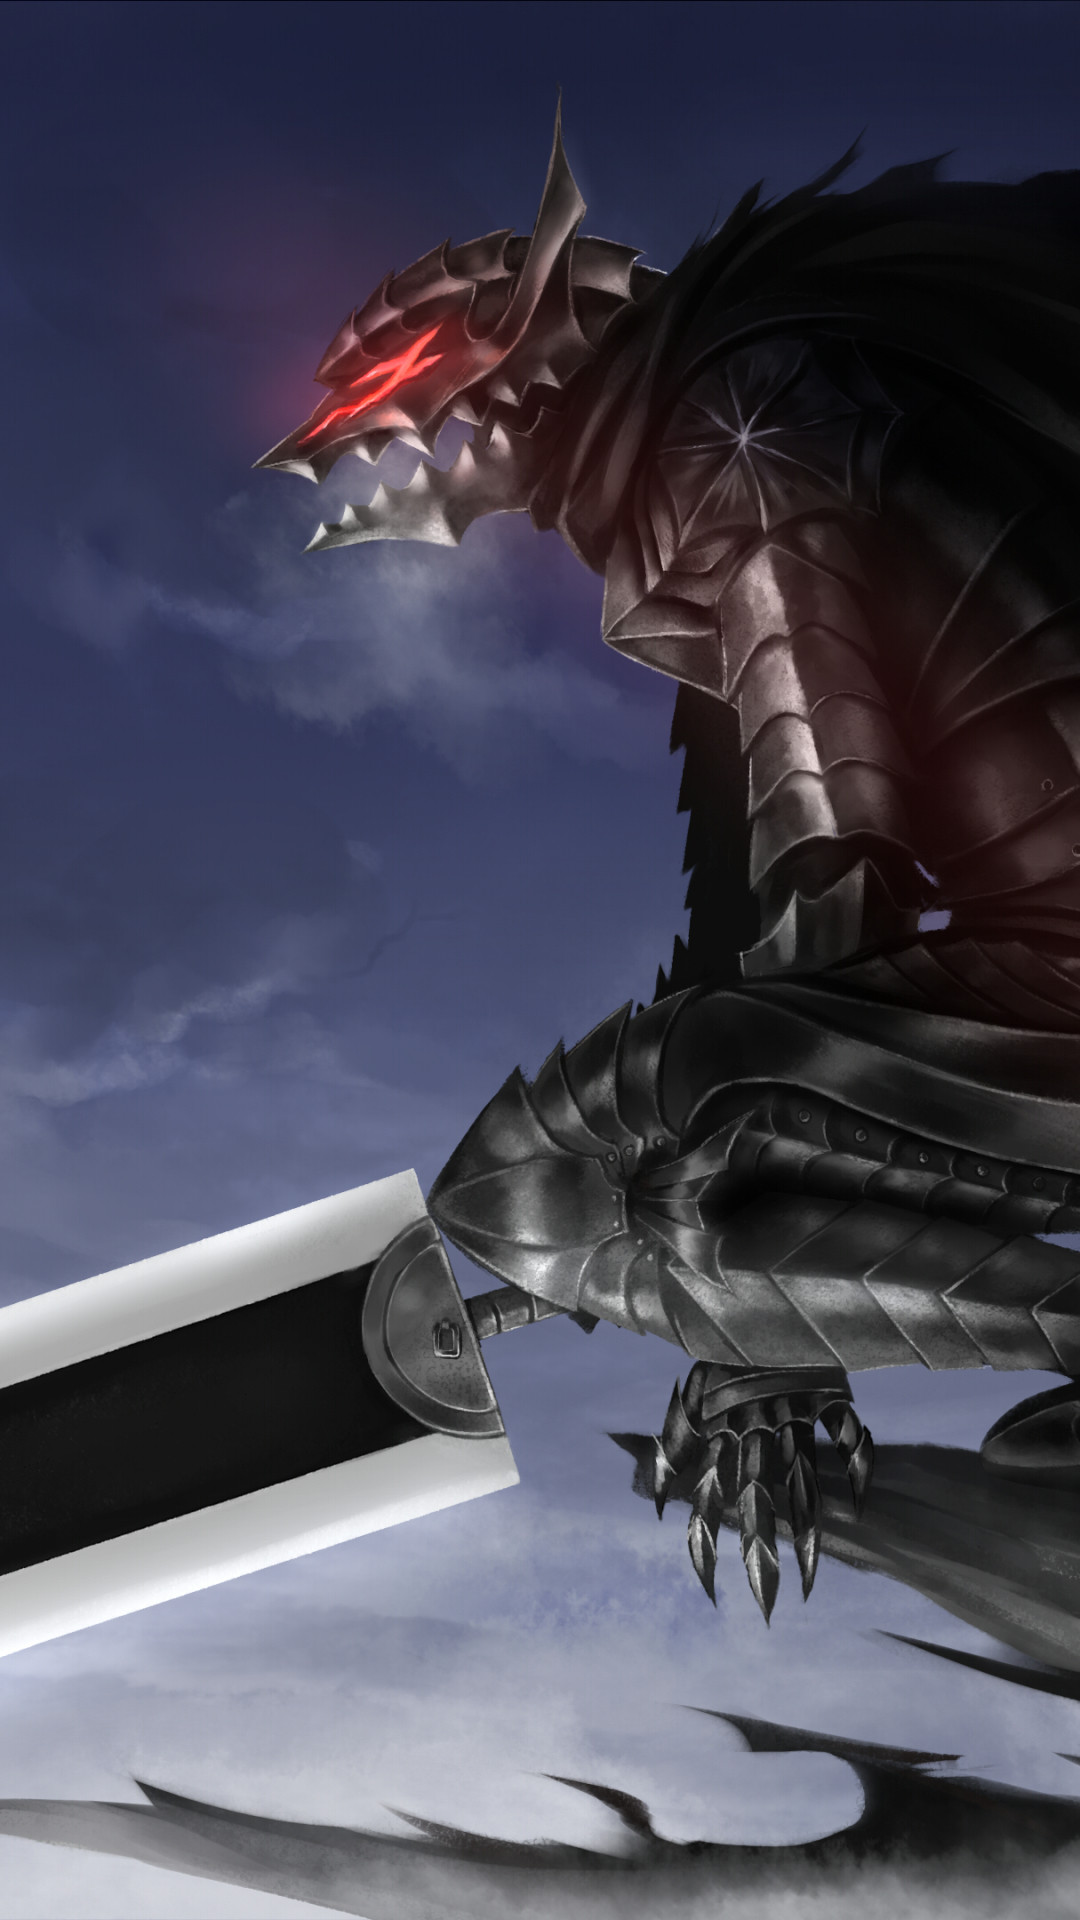 Res: 1080x1920, Anime / Berserk () Mobile Wallpaper